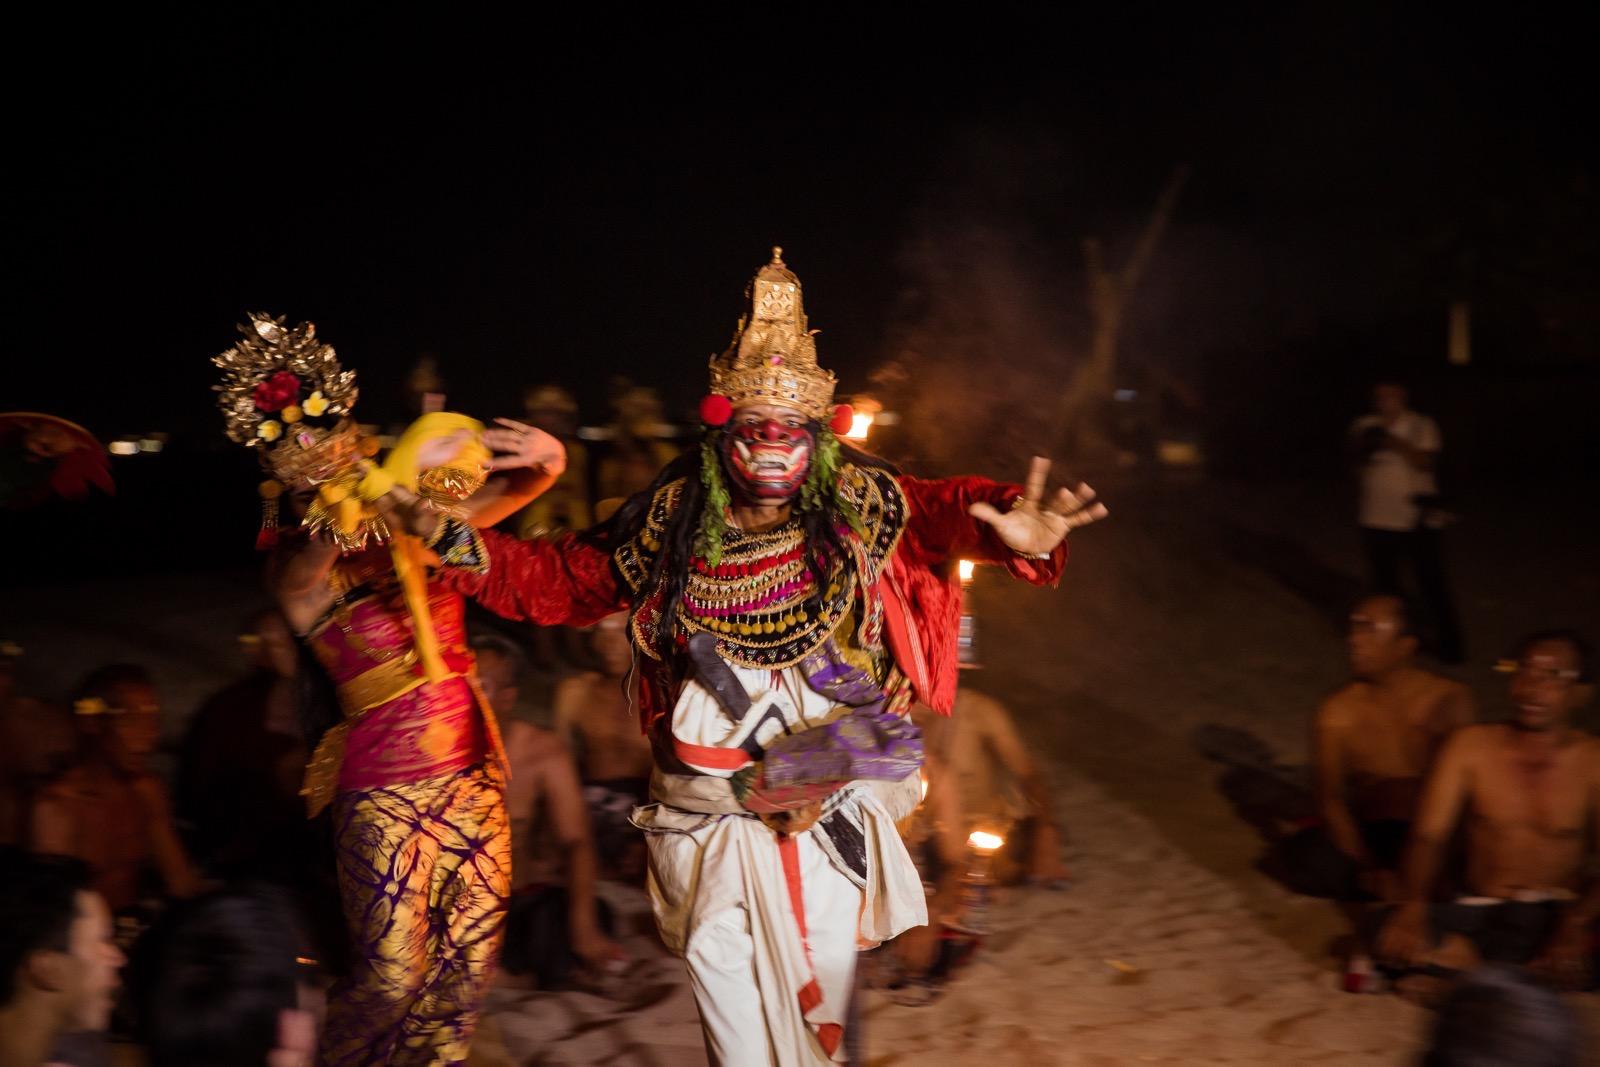 バリ島のダンス ステフェン撮影